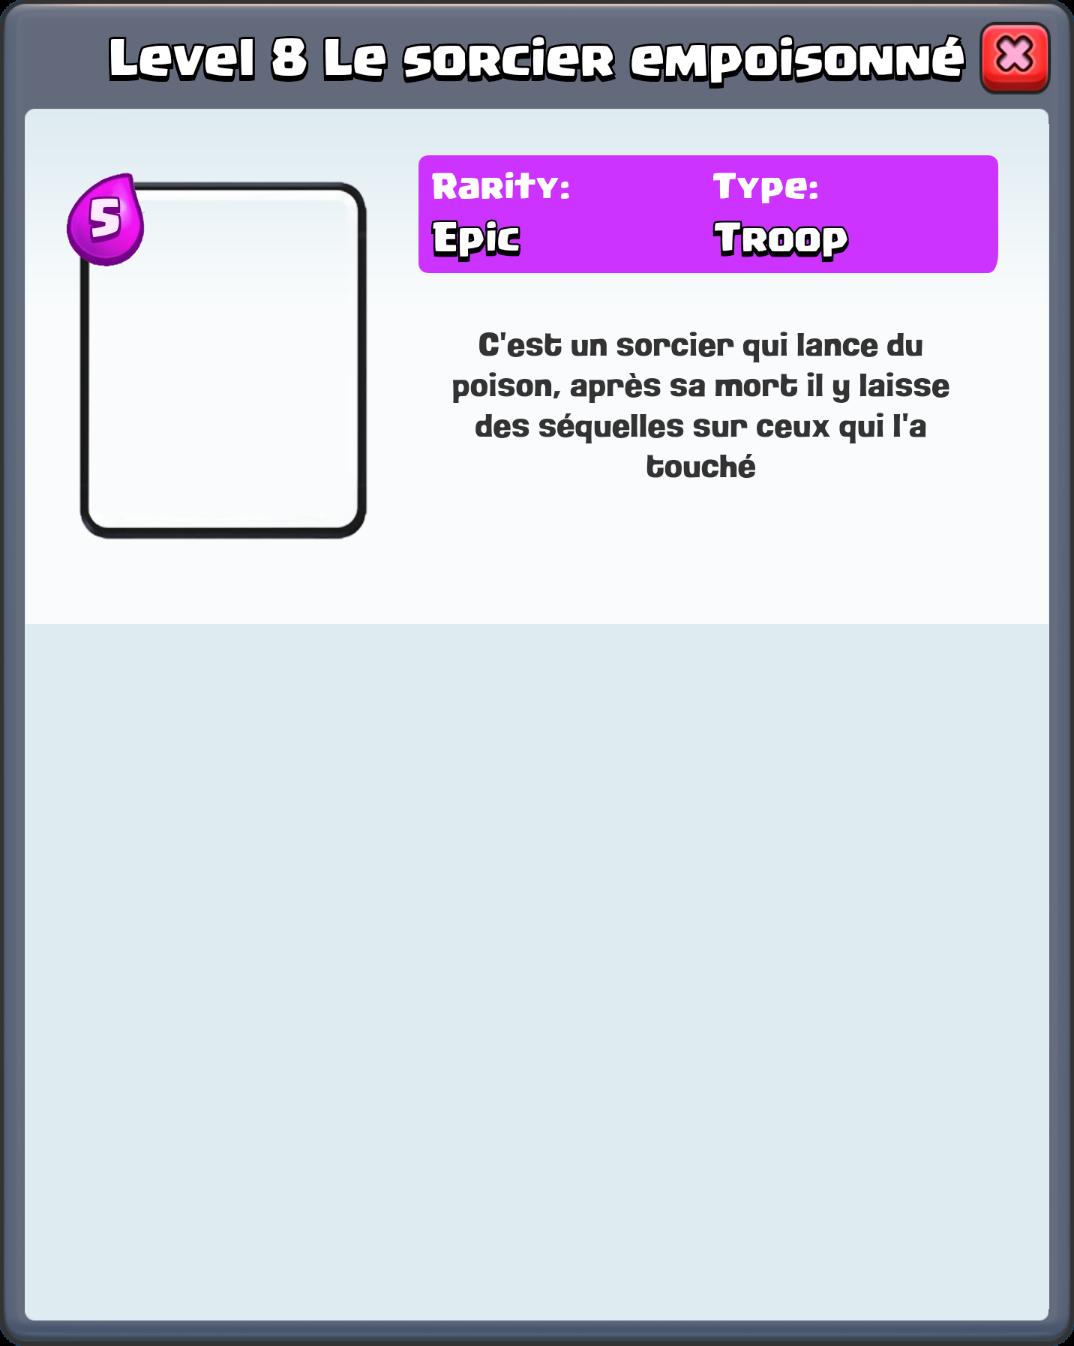 Level 8 Le sorcier empoisonné_HD.png